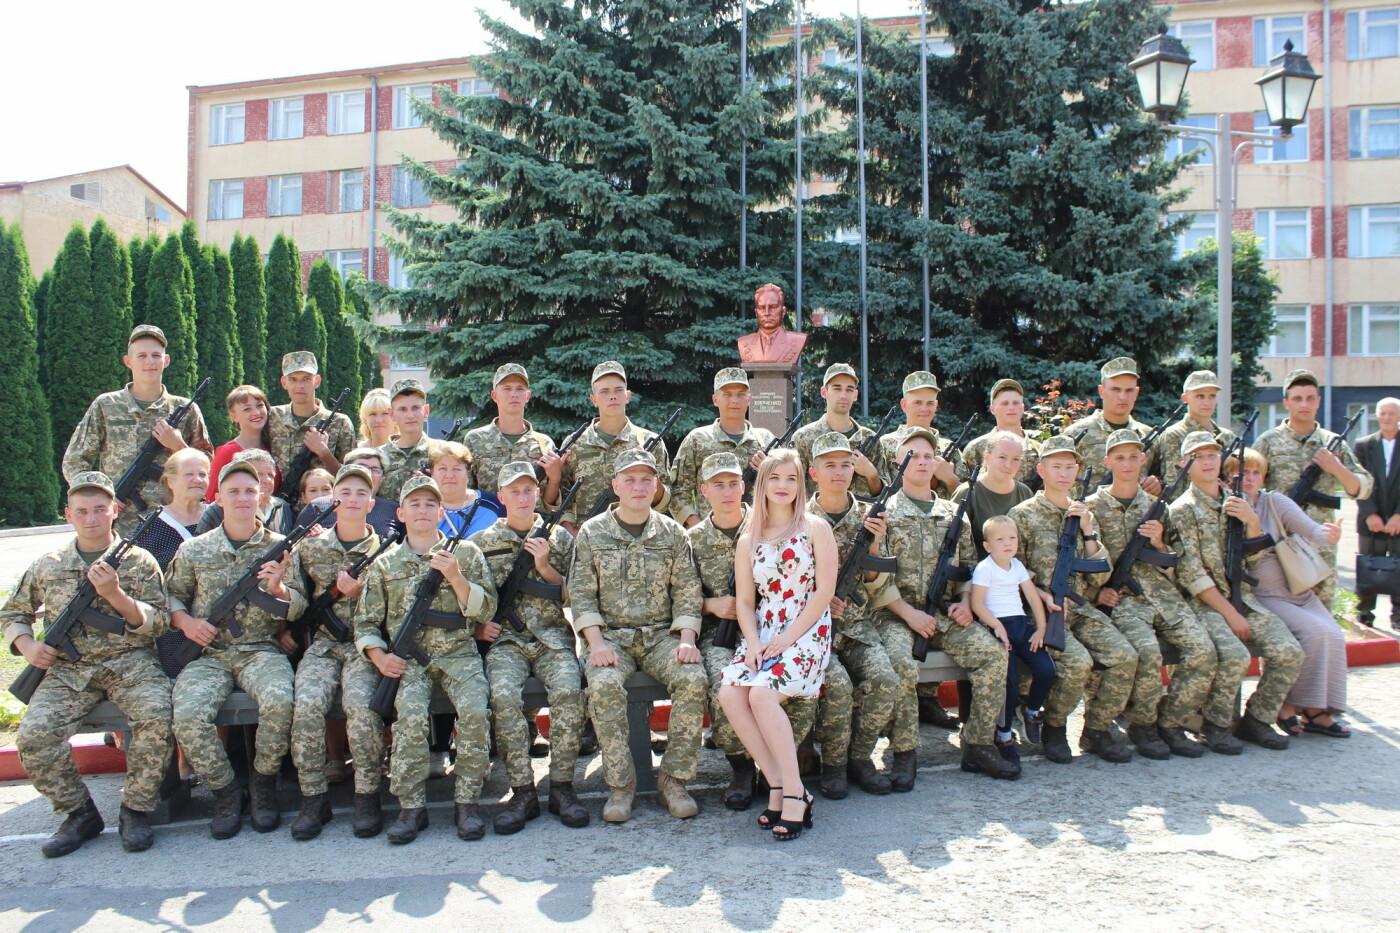 У Кам'янці 240 військовослужбовців склали присягу, фото-20, Фото: Olha Povorozniuk